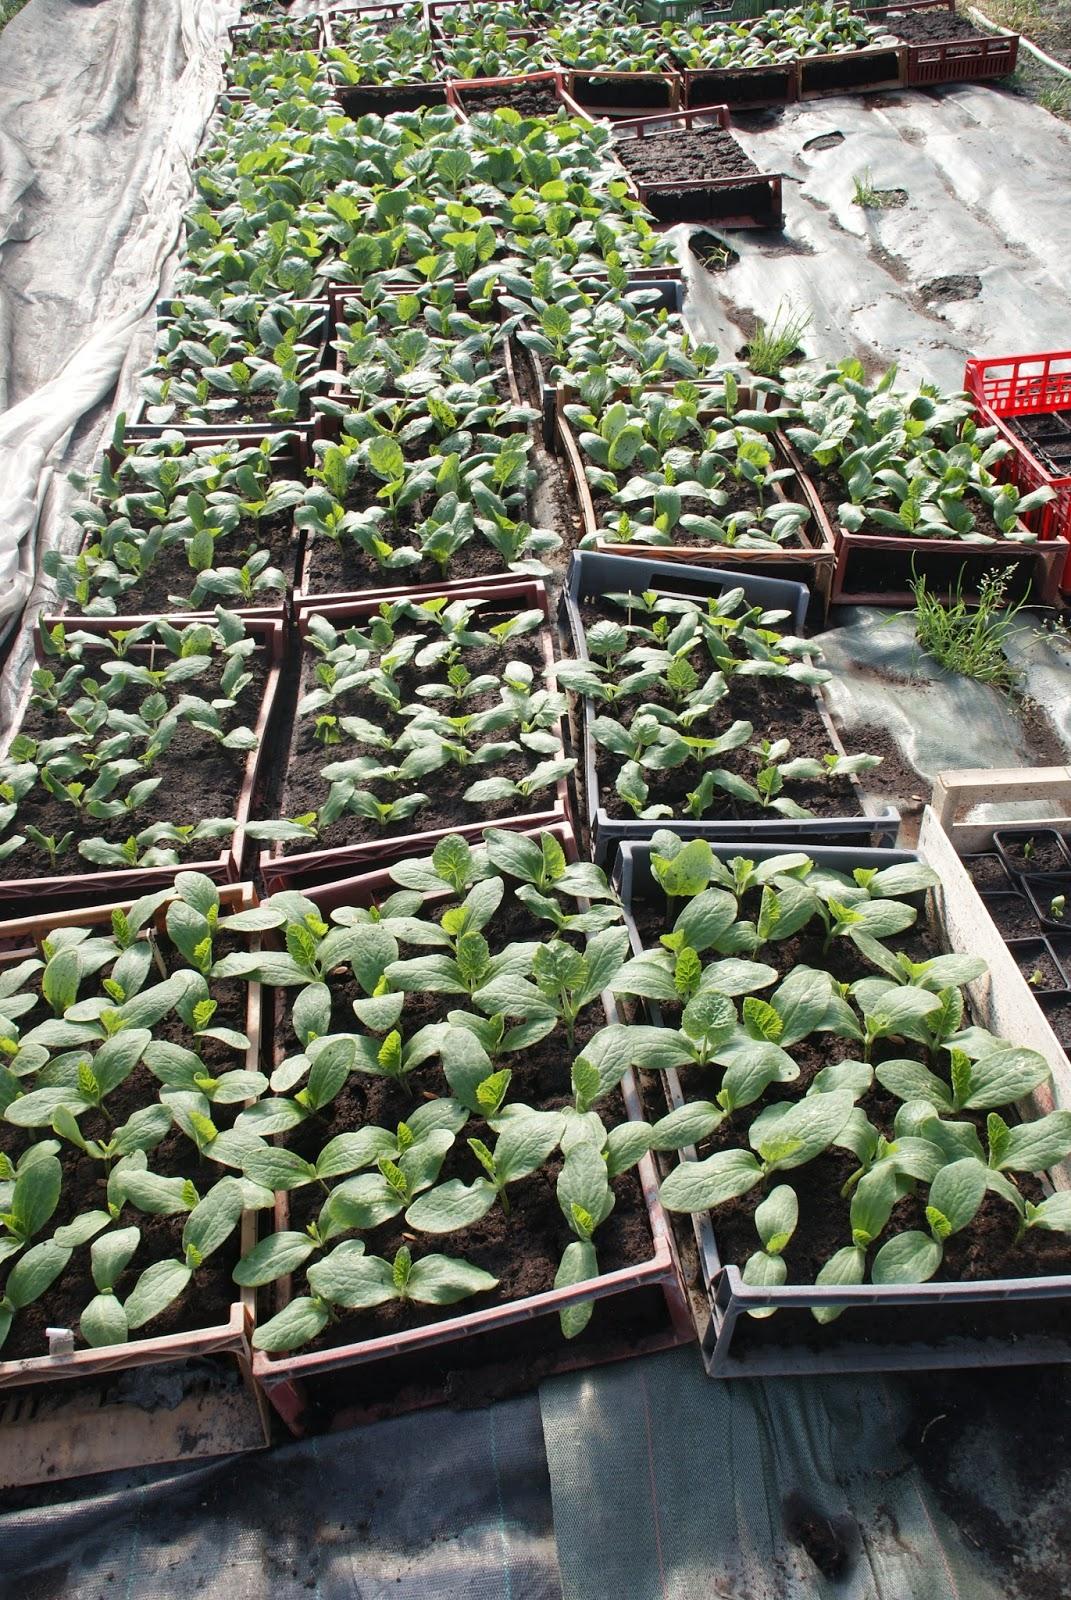 les derni res infos de haute tarentaise par pierre villeneuve envie de plants envie de jardin. Black Bedroom Furniture Sets. Home Design Ideas